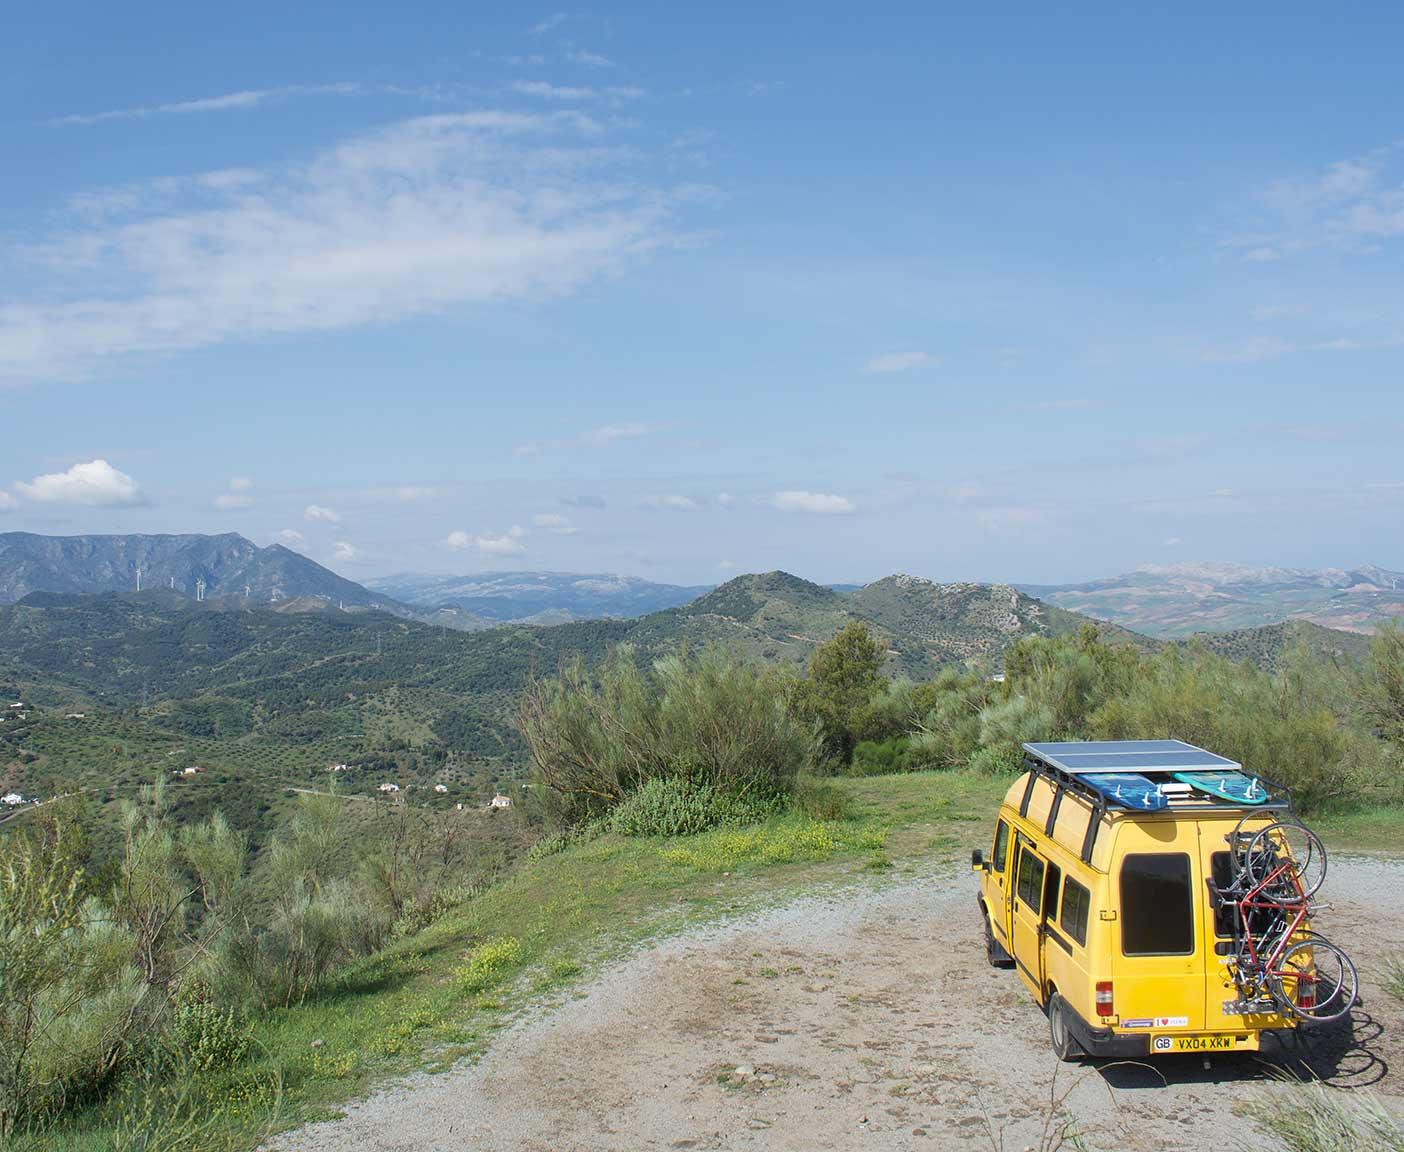 ldv-convoy-kaufen-wohnmobil-maxus-camper-ersatzteile-wild-camping